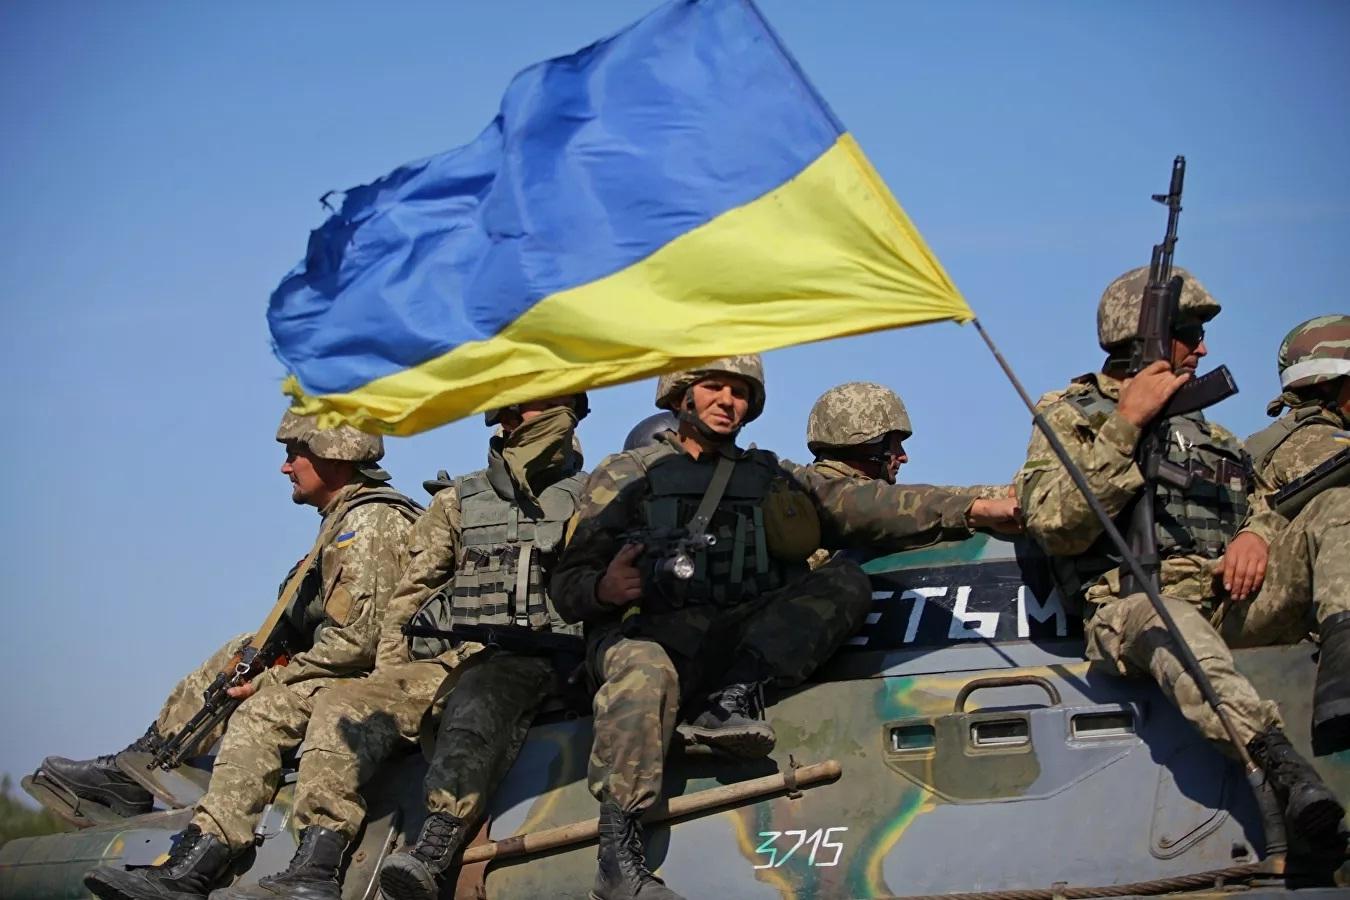 Căng thẳng Nga-Ukraine: Ông Zelensky muốn gặp TT Putin tại Vatican